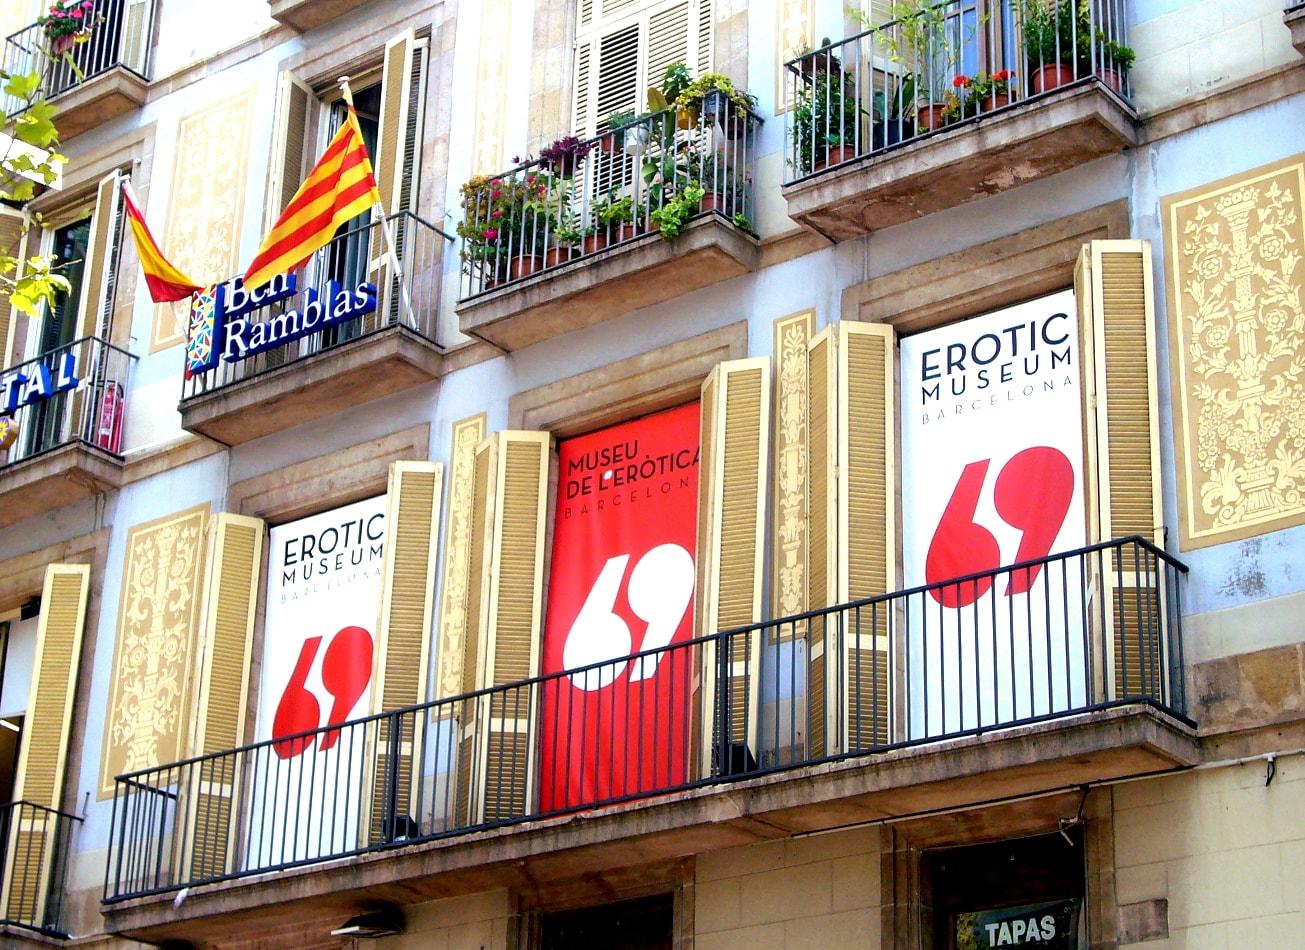 musée érotique erotic museum barcelone activites vimigo